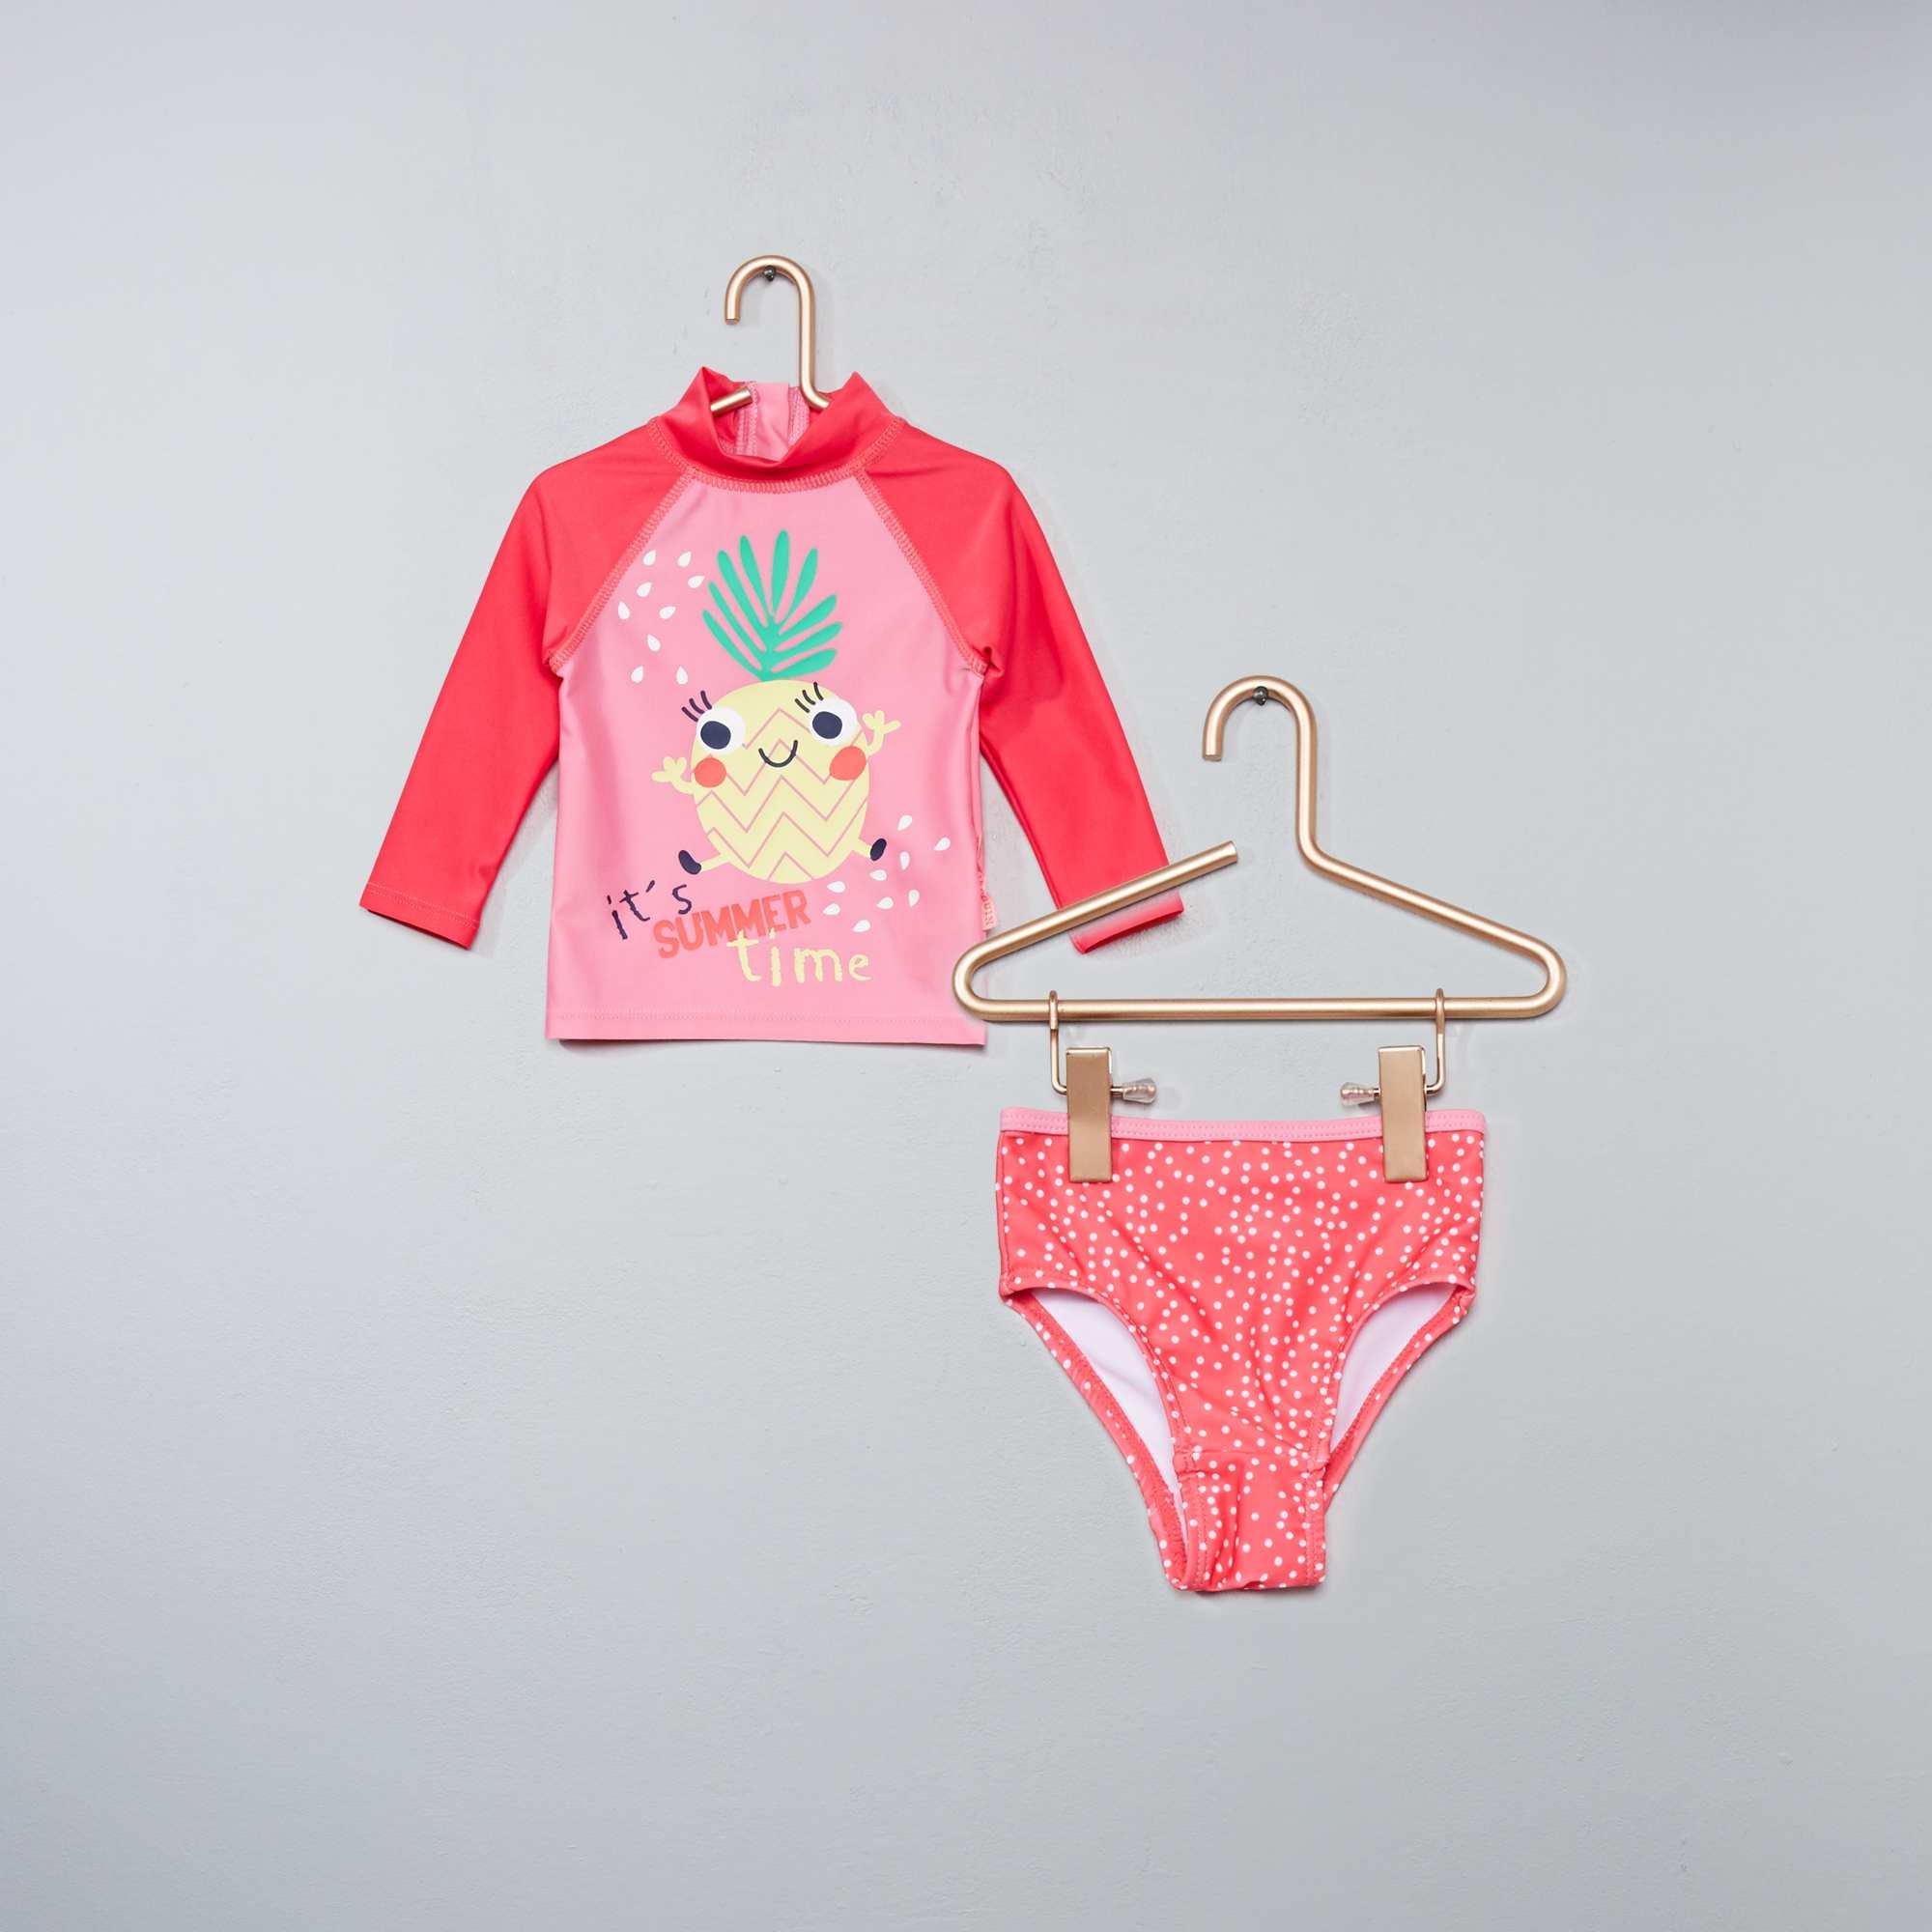 2bfa989e59e78 Maillot de bain anti UV  ananas  Bébé fille - rose - Kiabi - 16